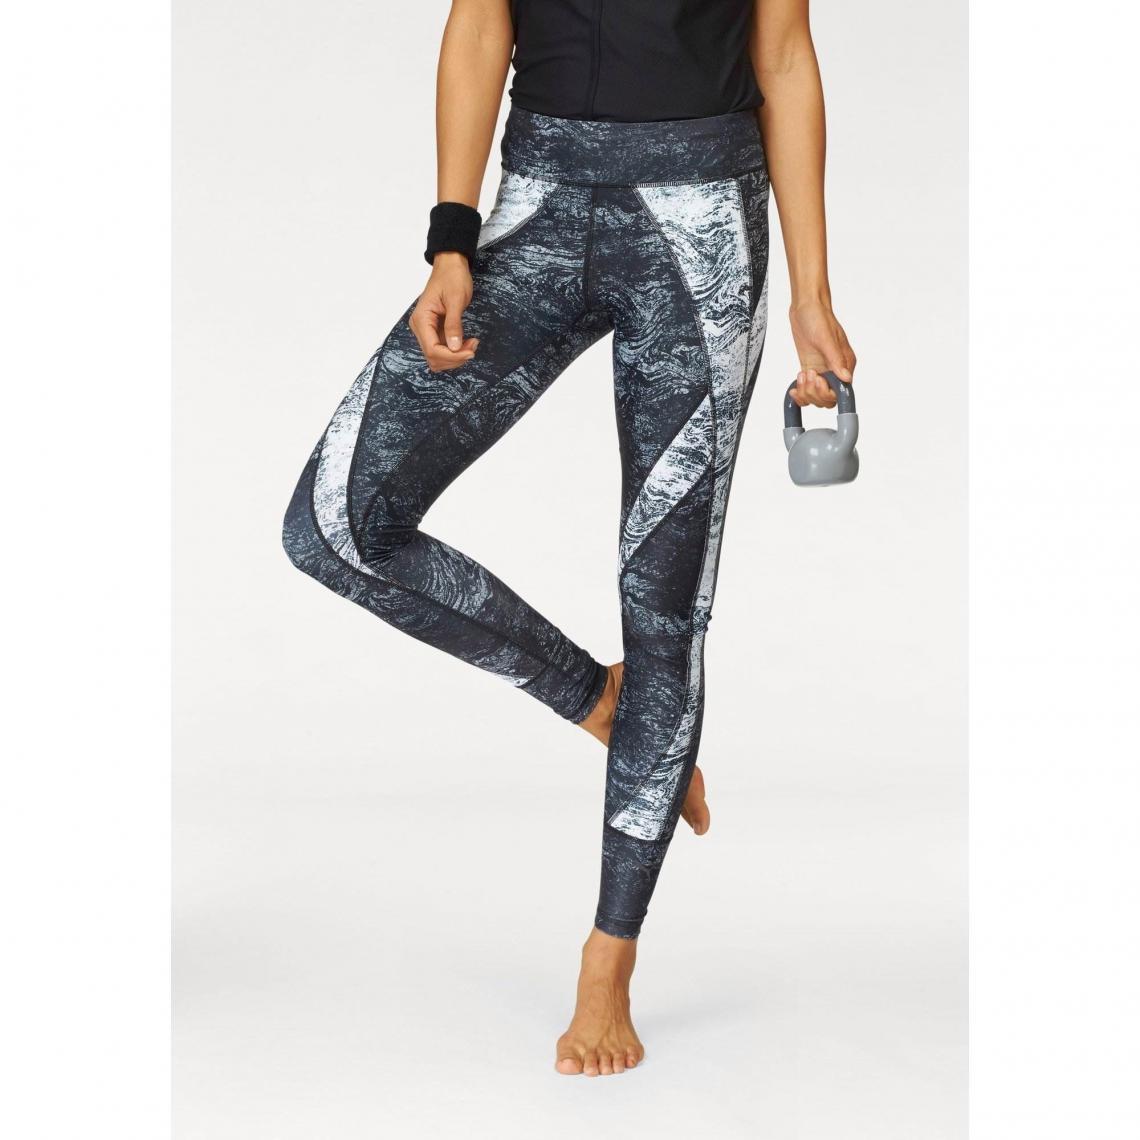 Legging anti-cellulite : pourquoi est-il recommandé d'en acheter ?